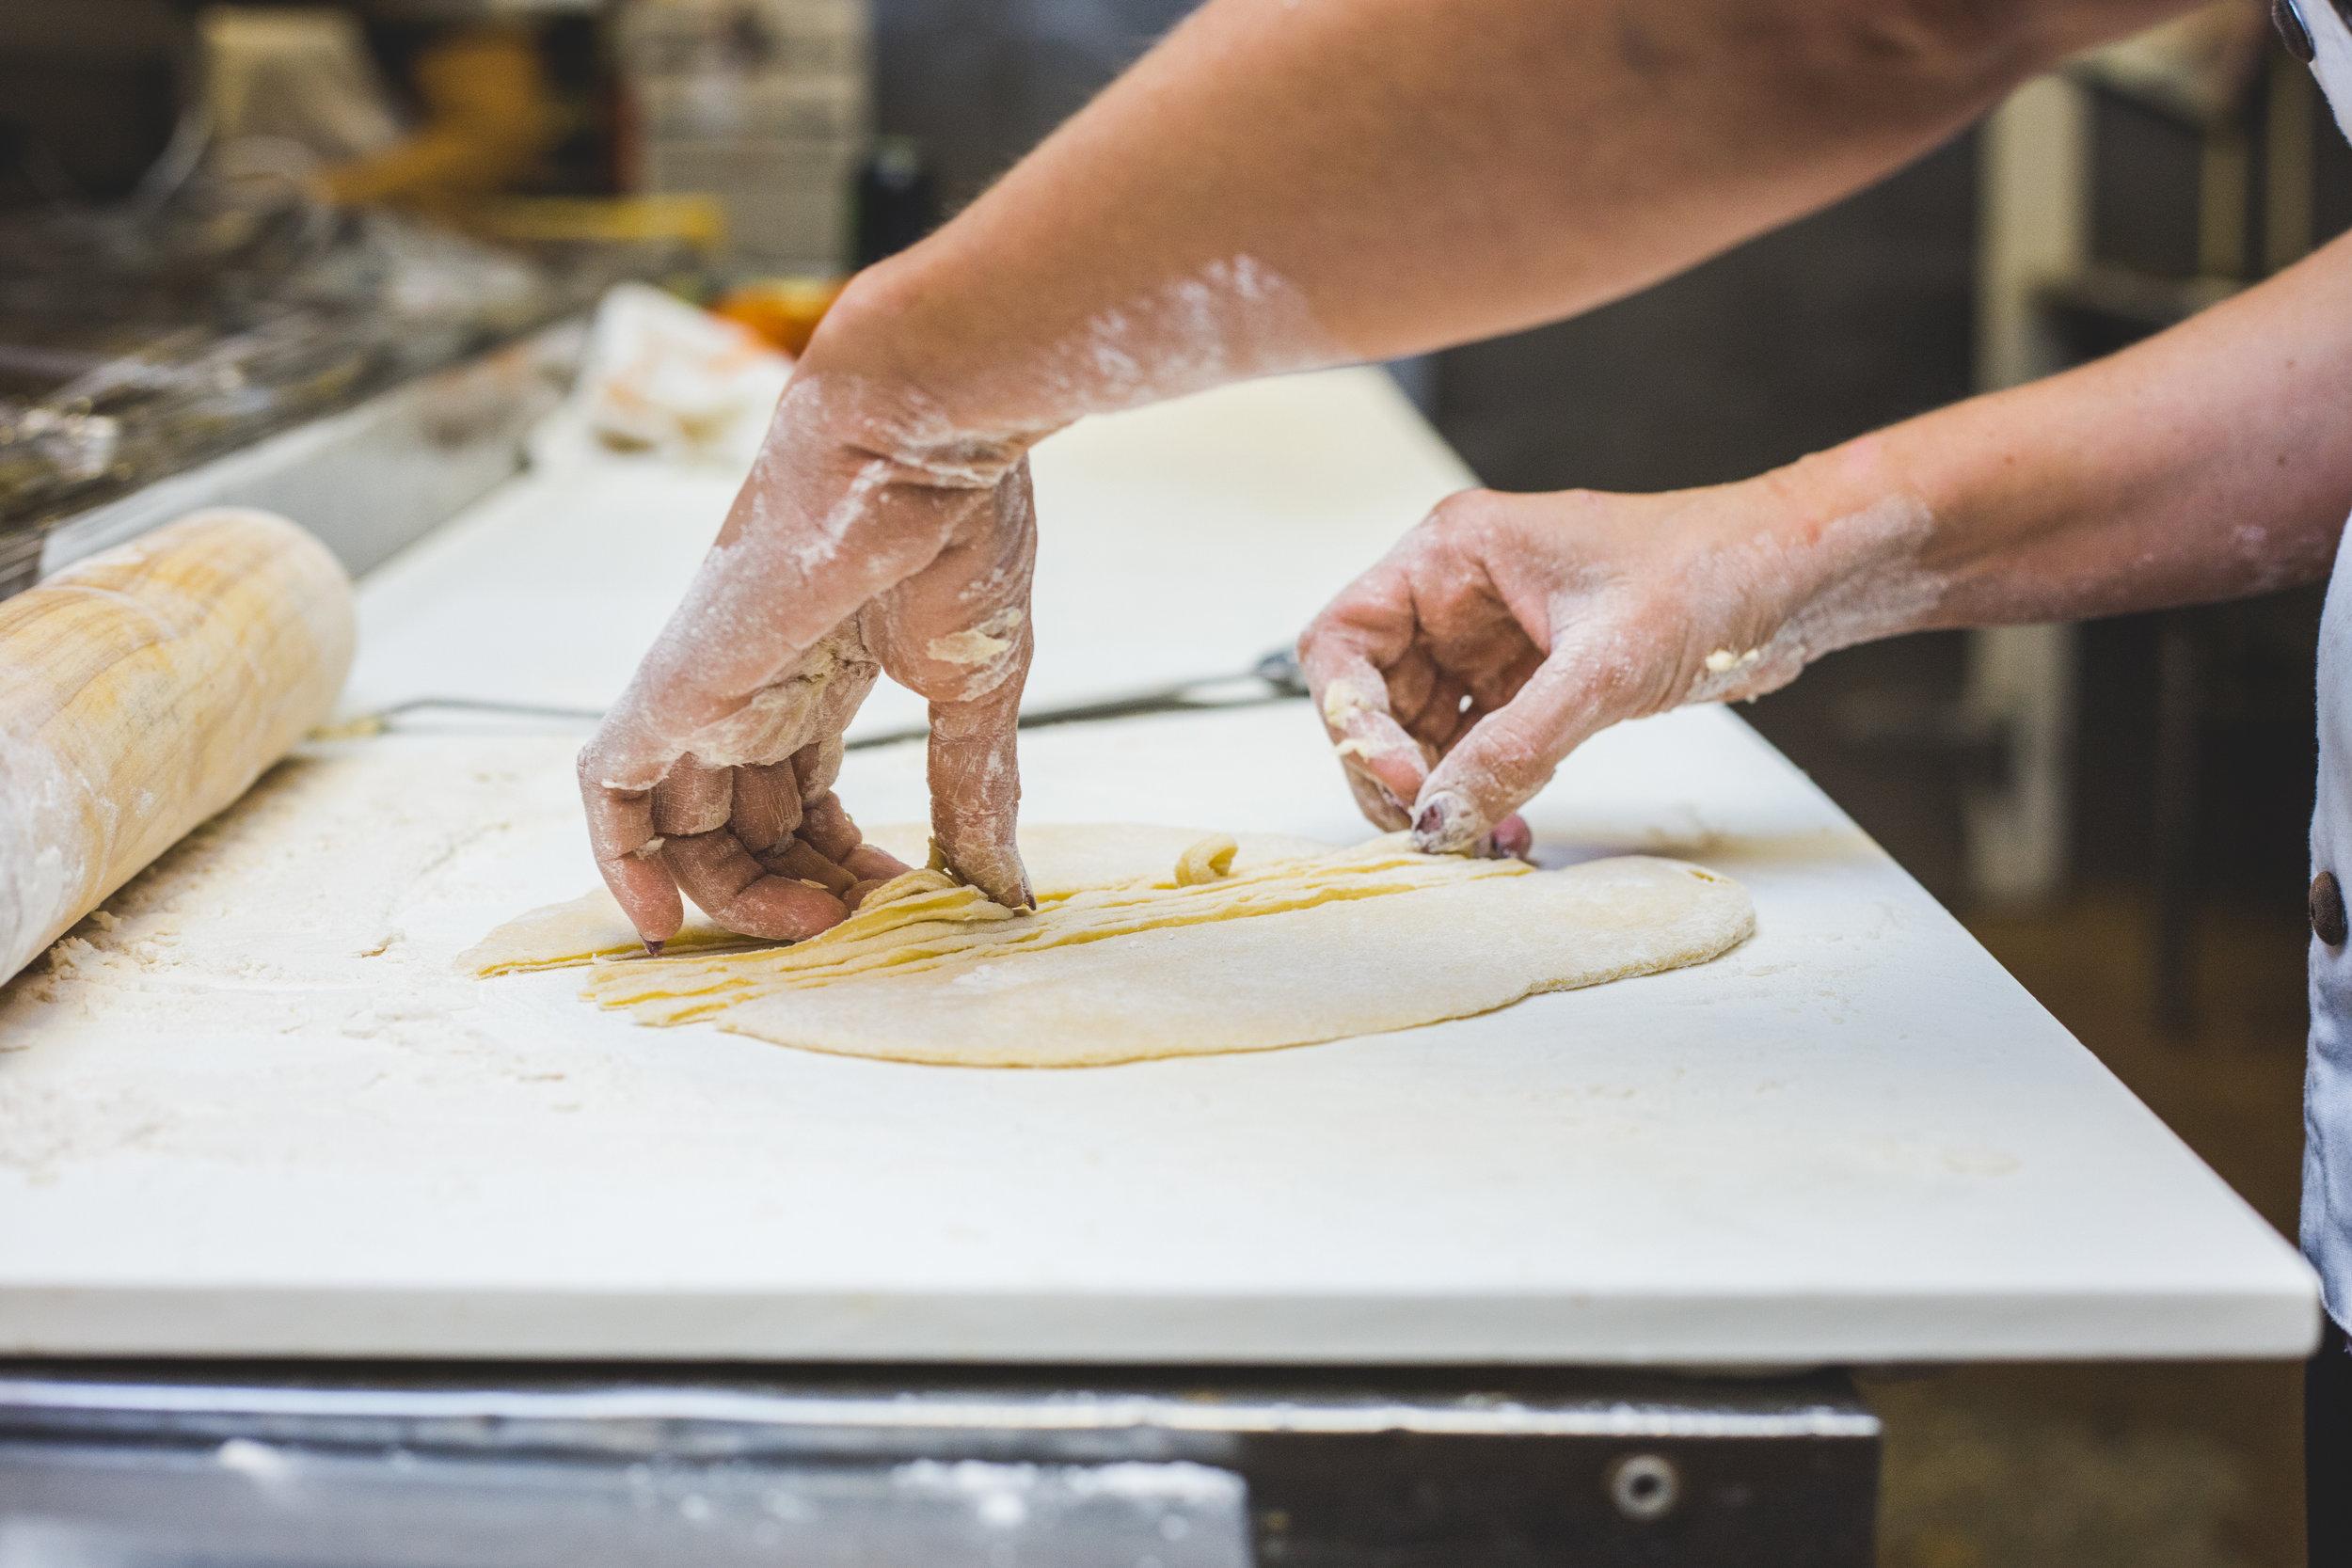 Chef_Emma_Emanuela_Calcara_eBella_Palladio_Nicole_nixon-20-of-50.jpg